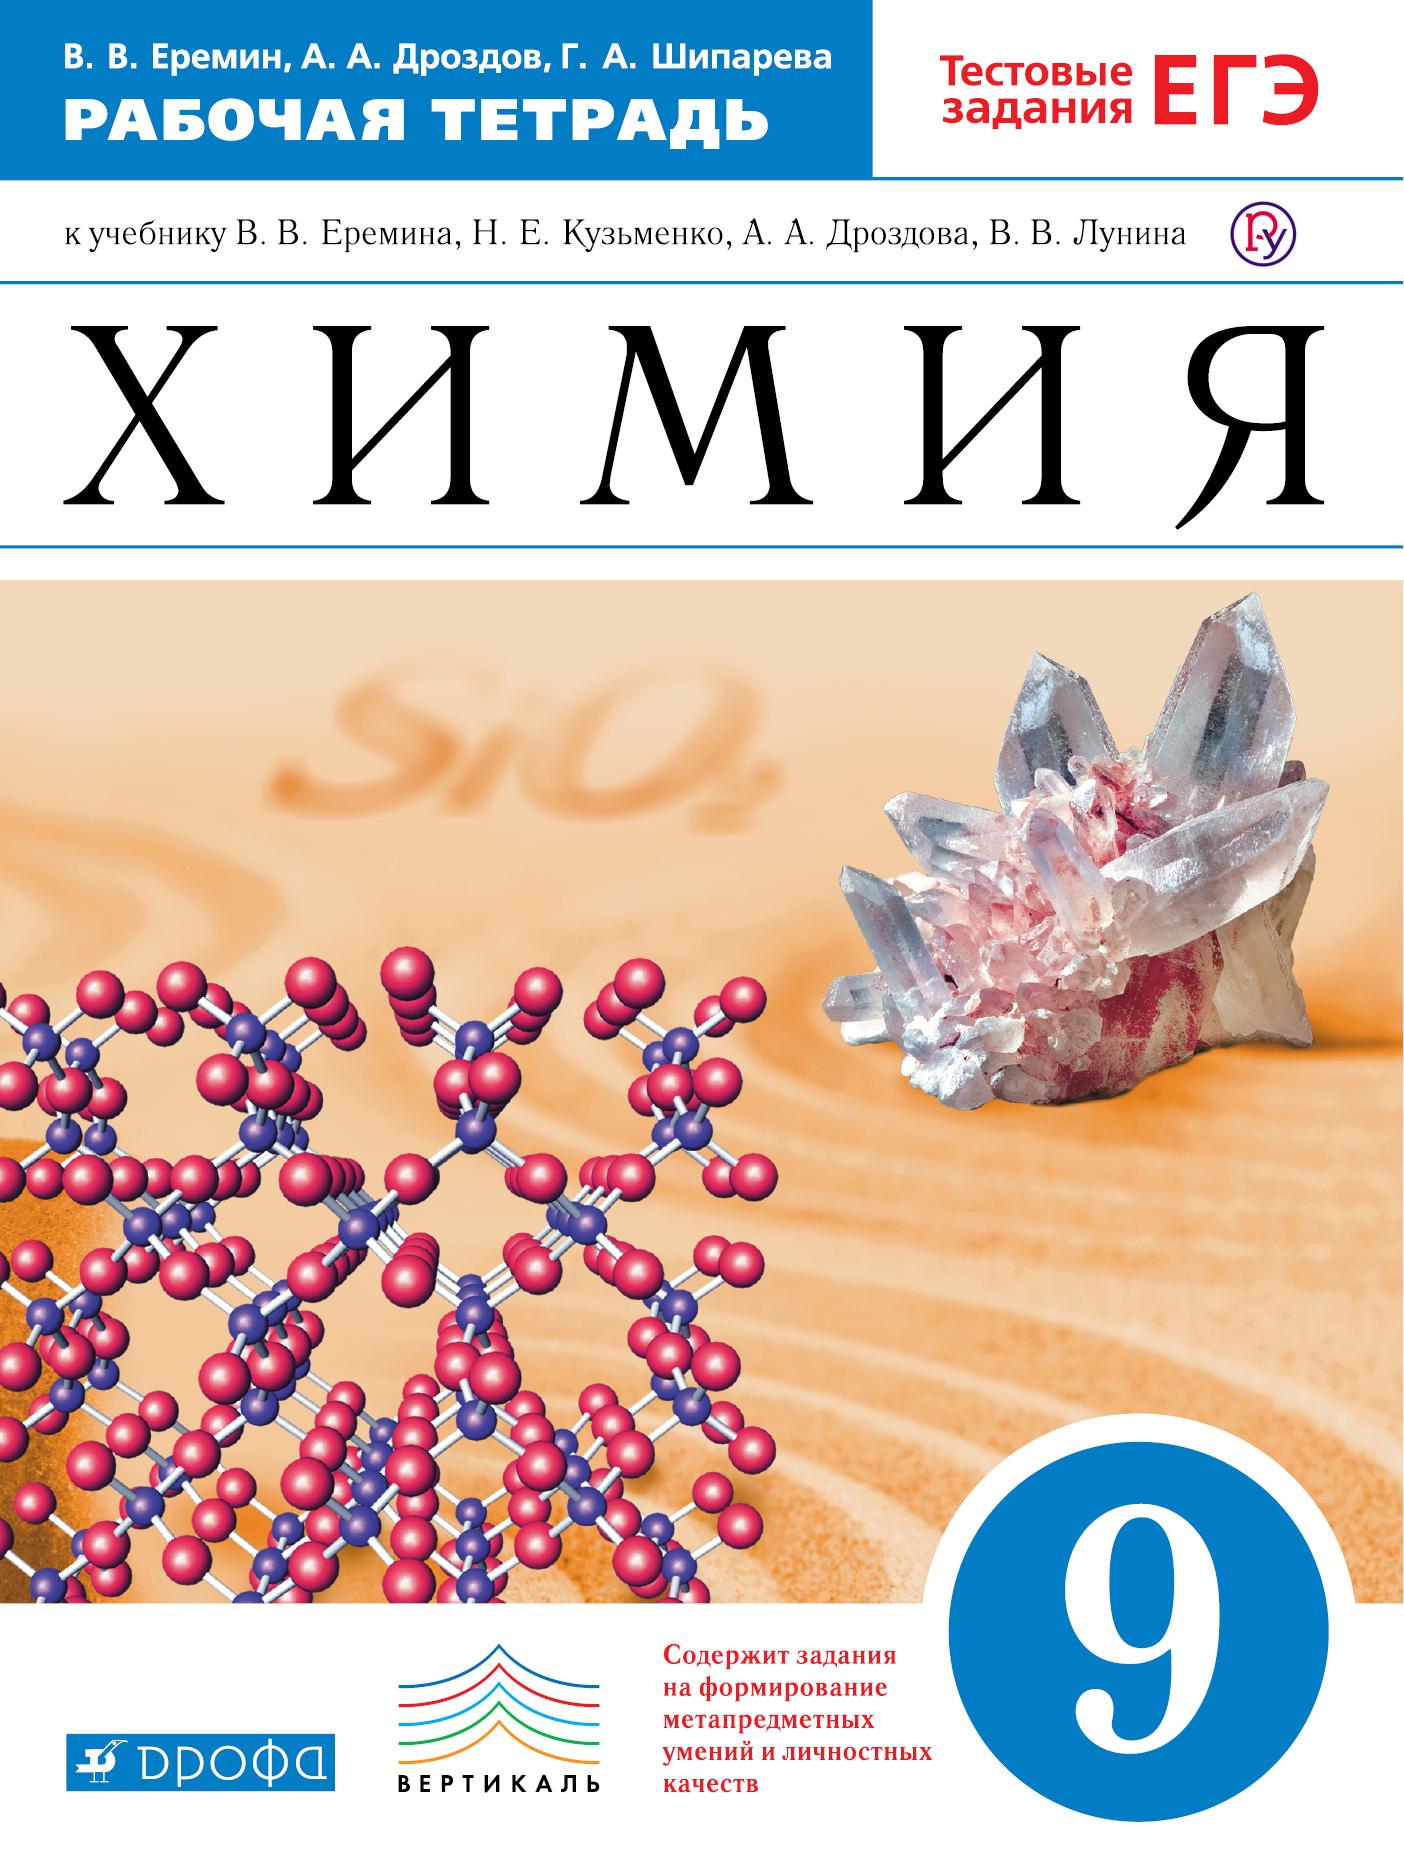 Химия. 9 класс. Рабочая тетрадь к УМК Лунина (с тестовыми заданиями ЕГЭ)